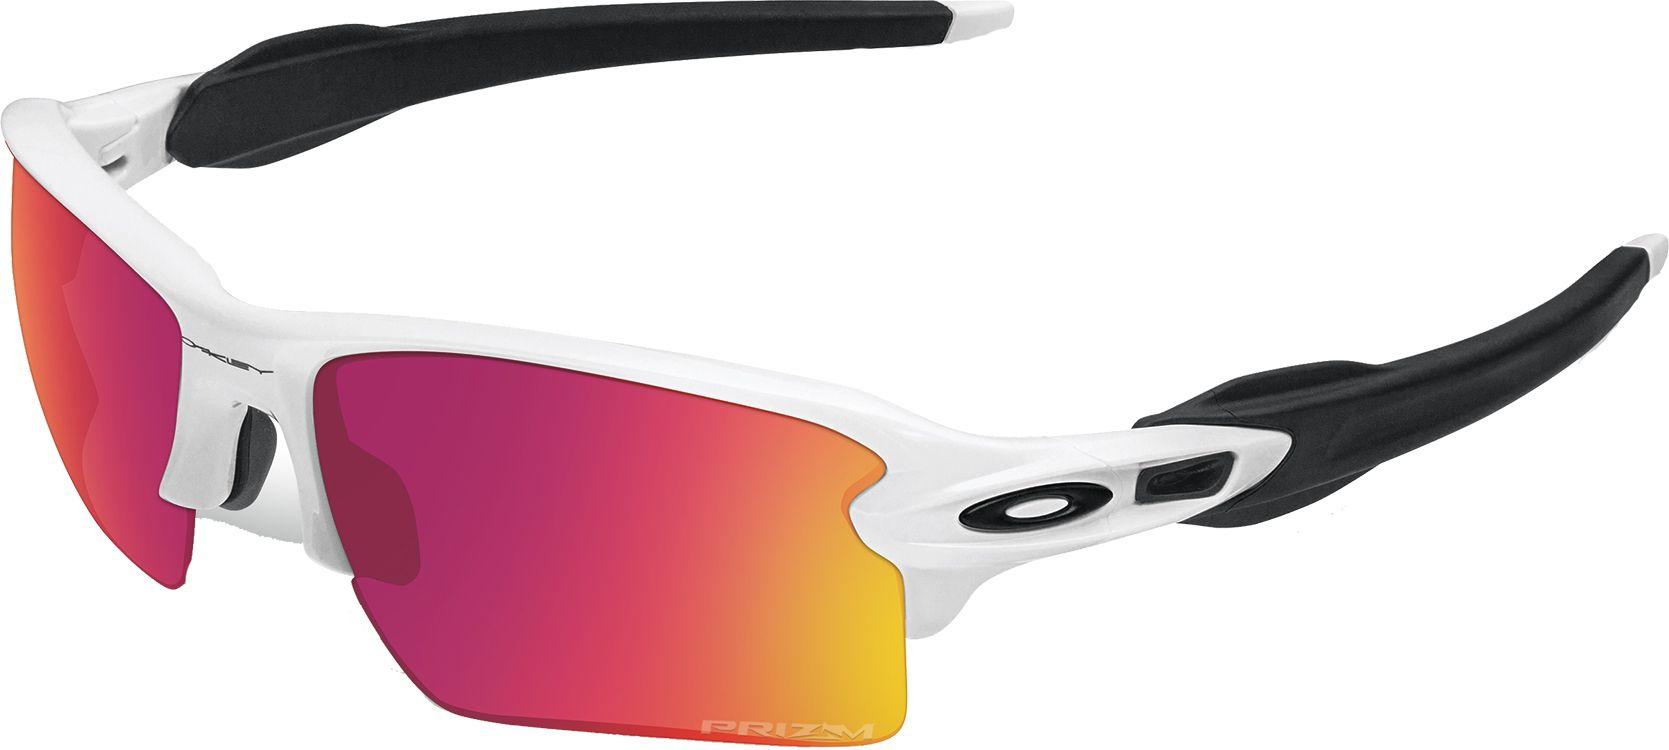 which oakley sunglasses